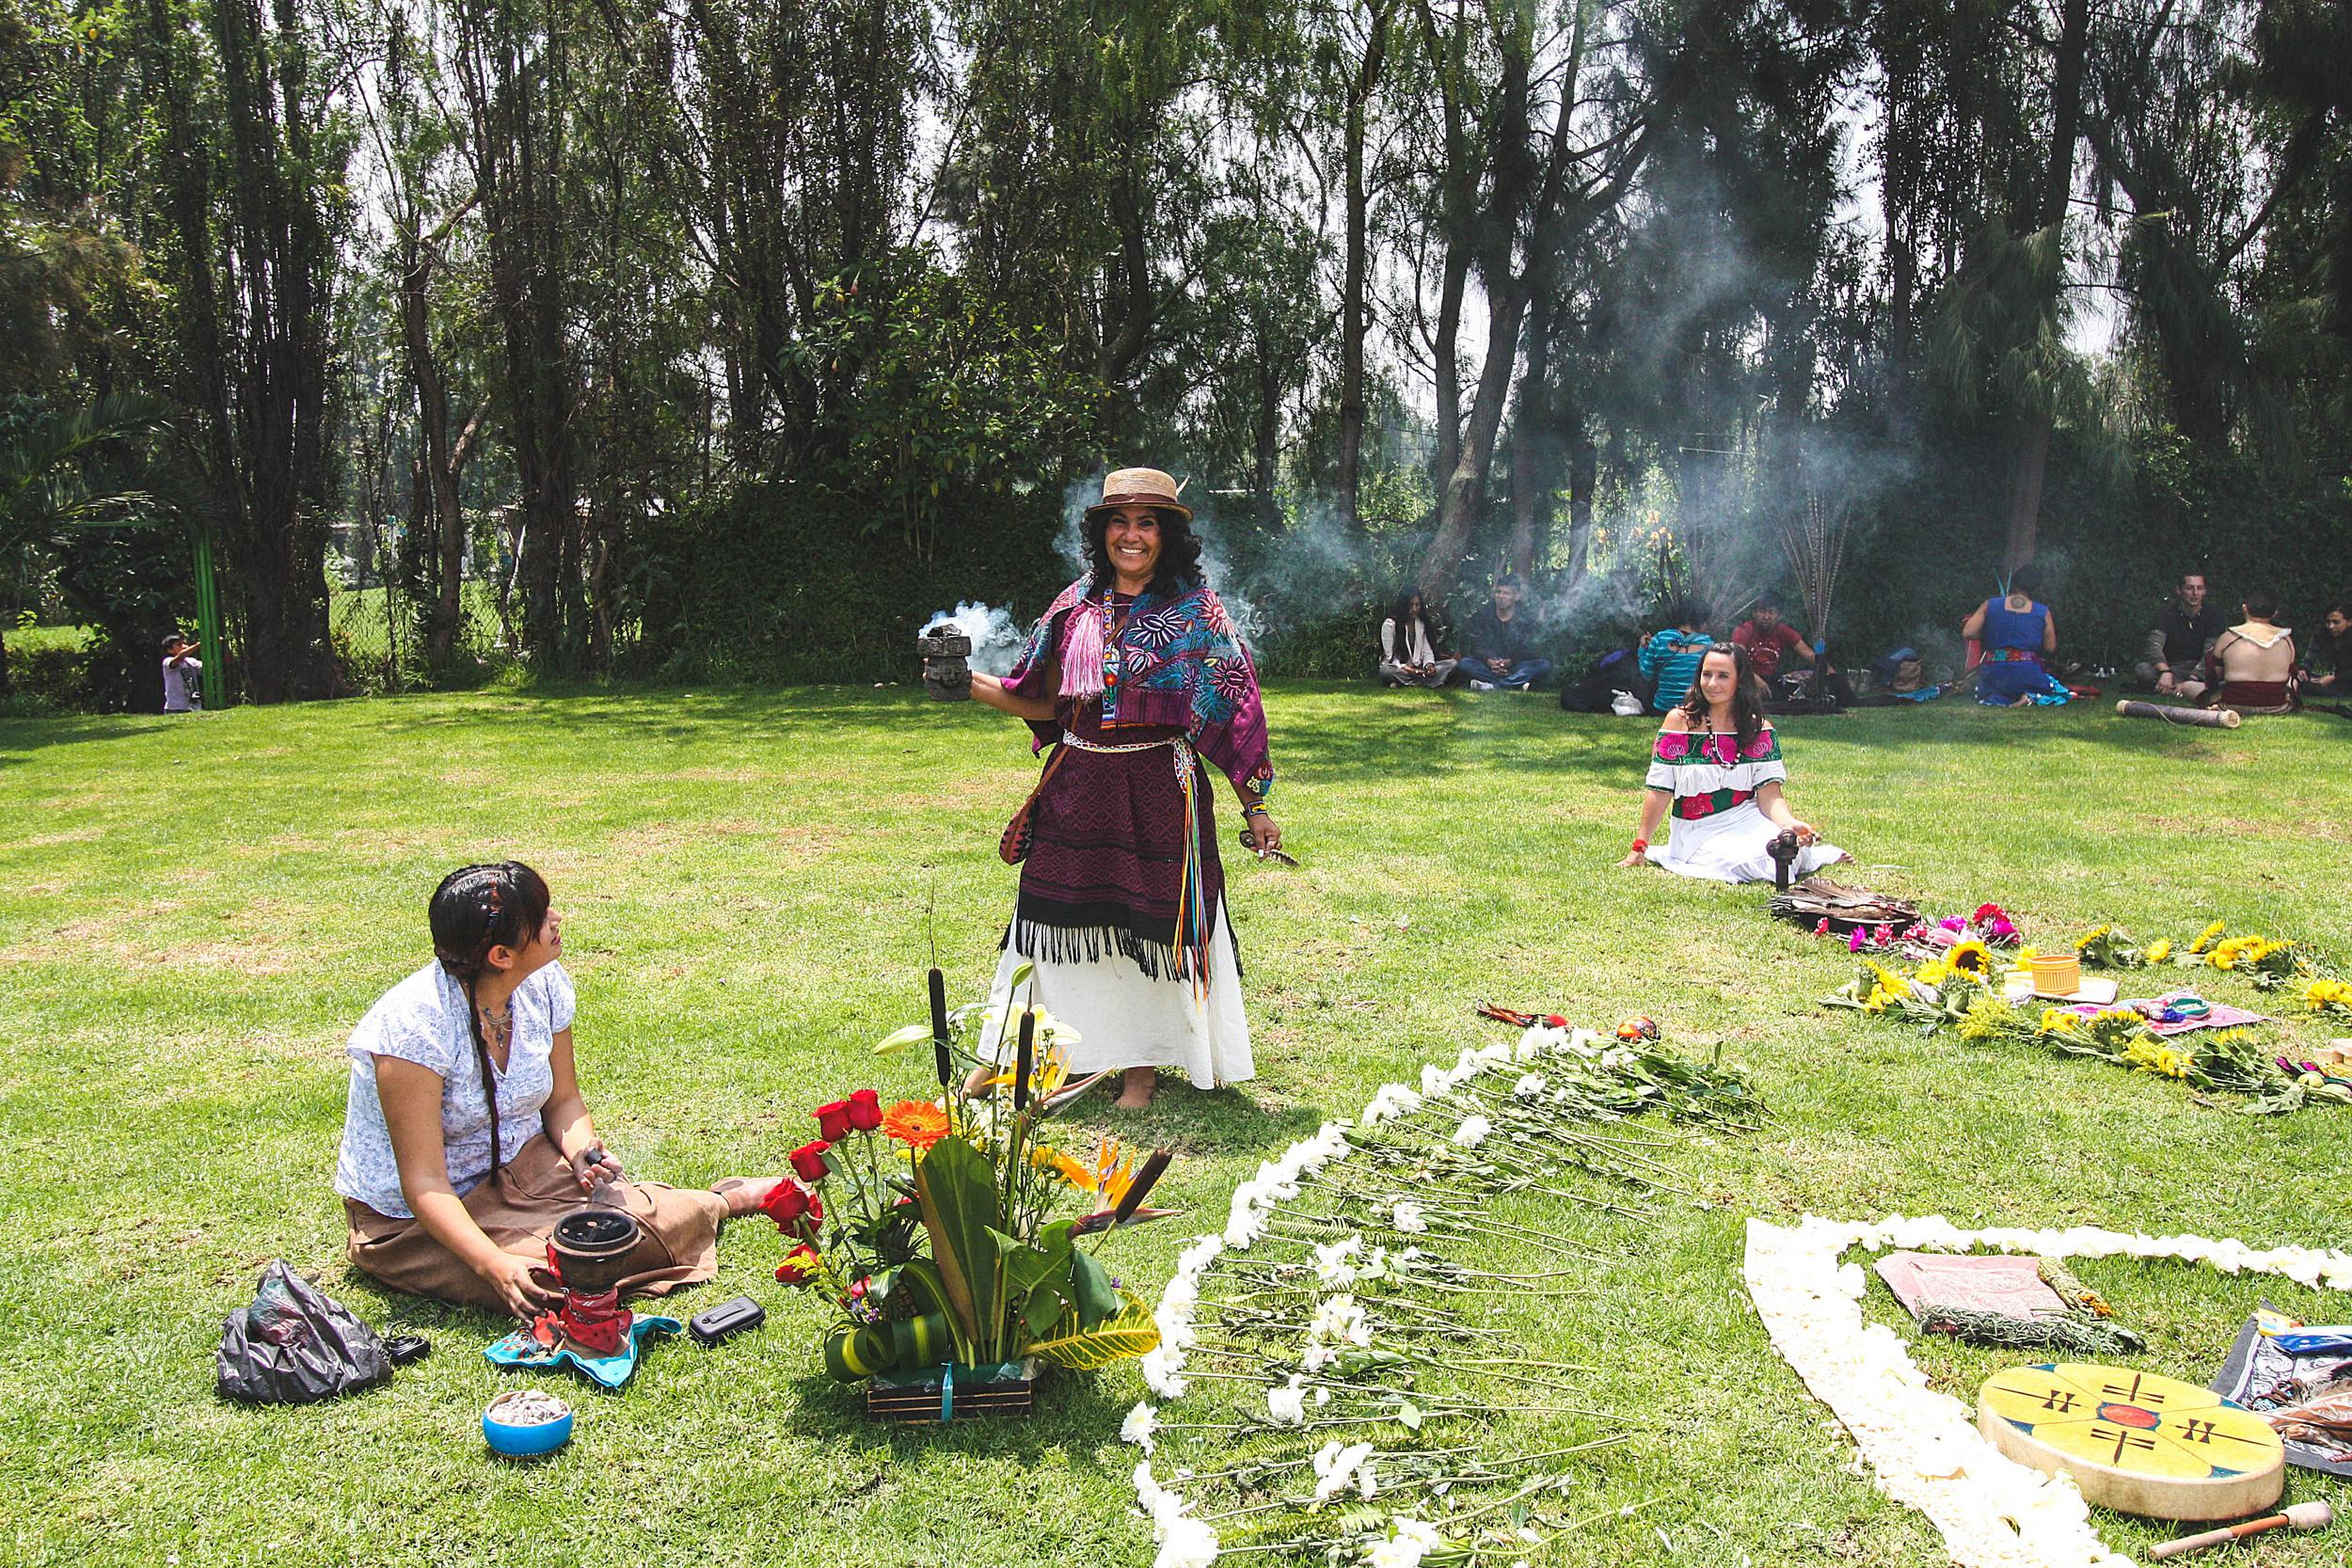 Bij onze aankomst waren de voorbereidingen nog volop aan de gang! Met bloemen werd er een soort cirkelvormig altaar gevormd, dat als voorstelling diende voor het leven, de vier windstreken en de vier elementen.